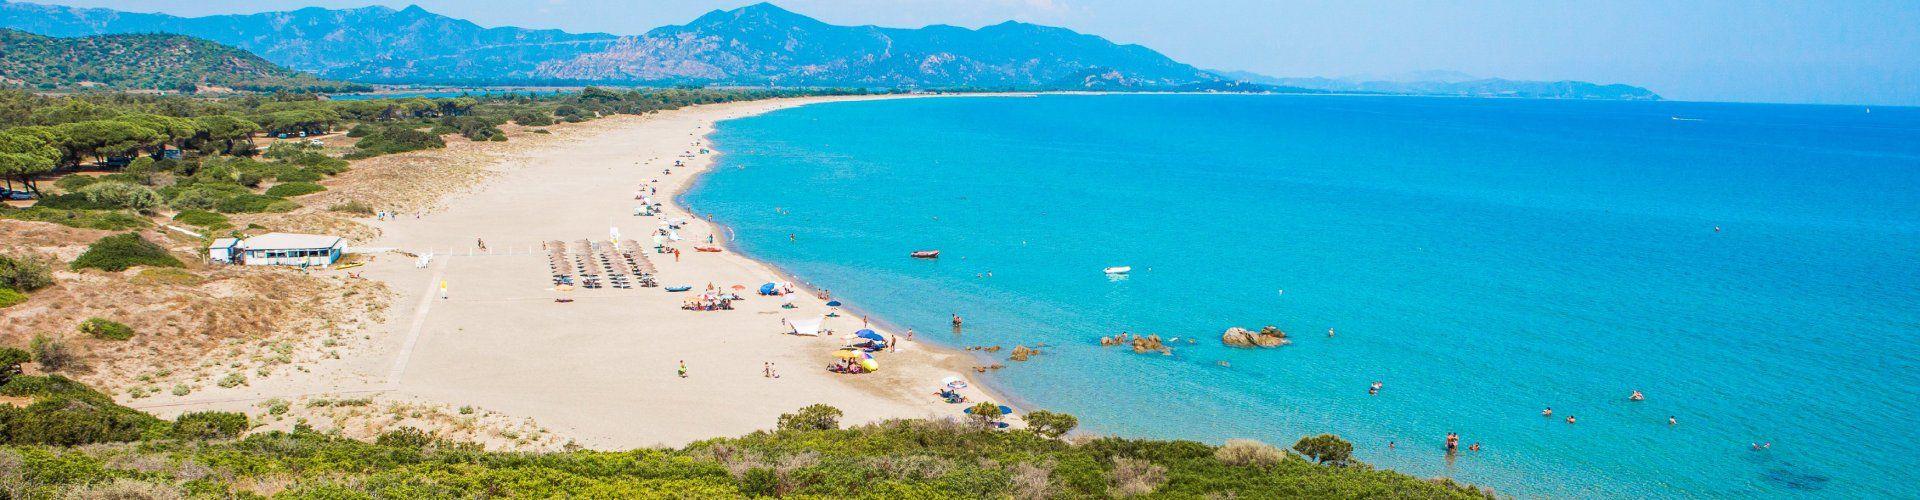 Weitläufiger Strand von Feraxi beim Capo Ferrato